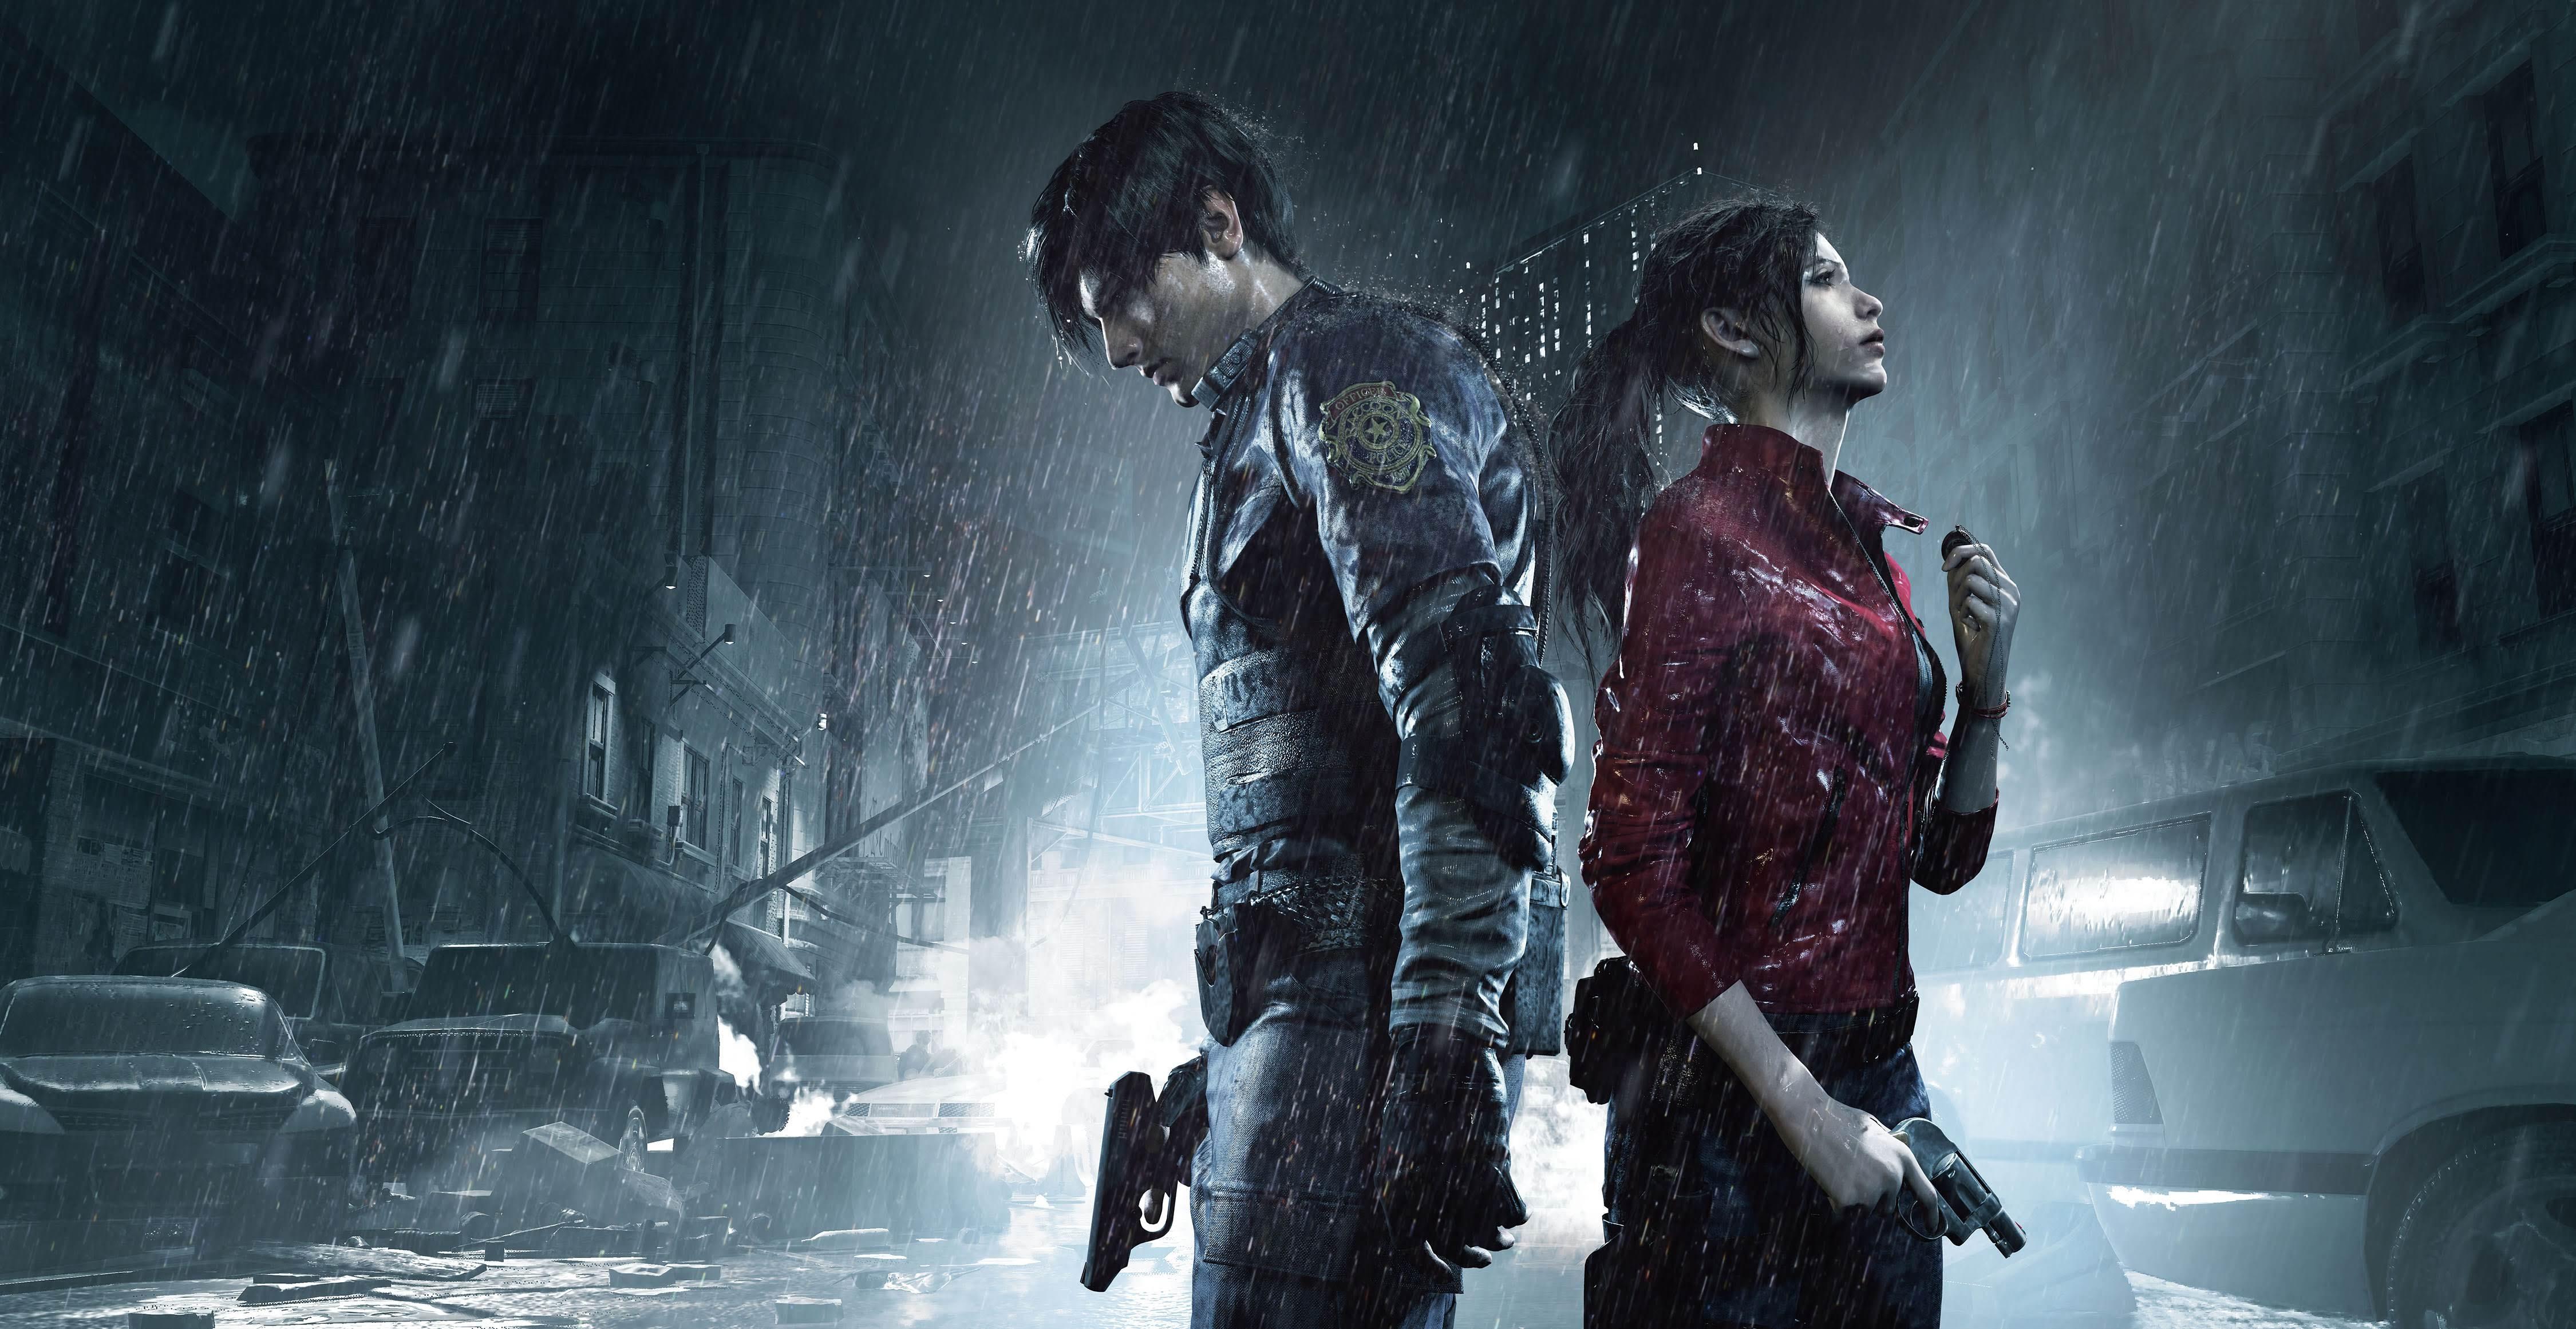 Картинки по запросу Resident Evil 2: Remake